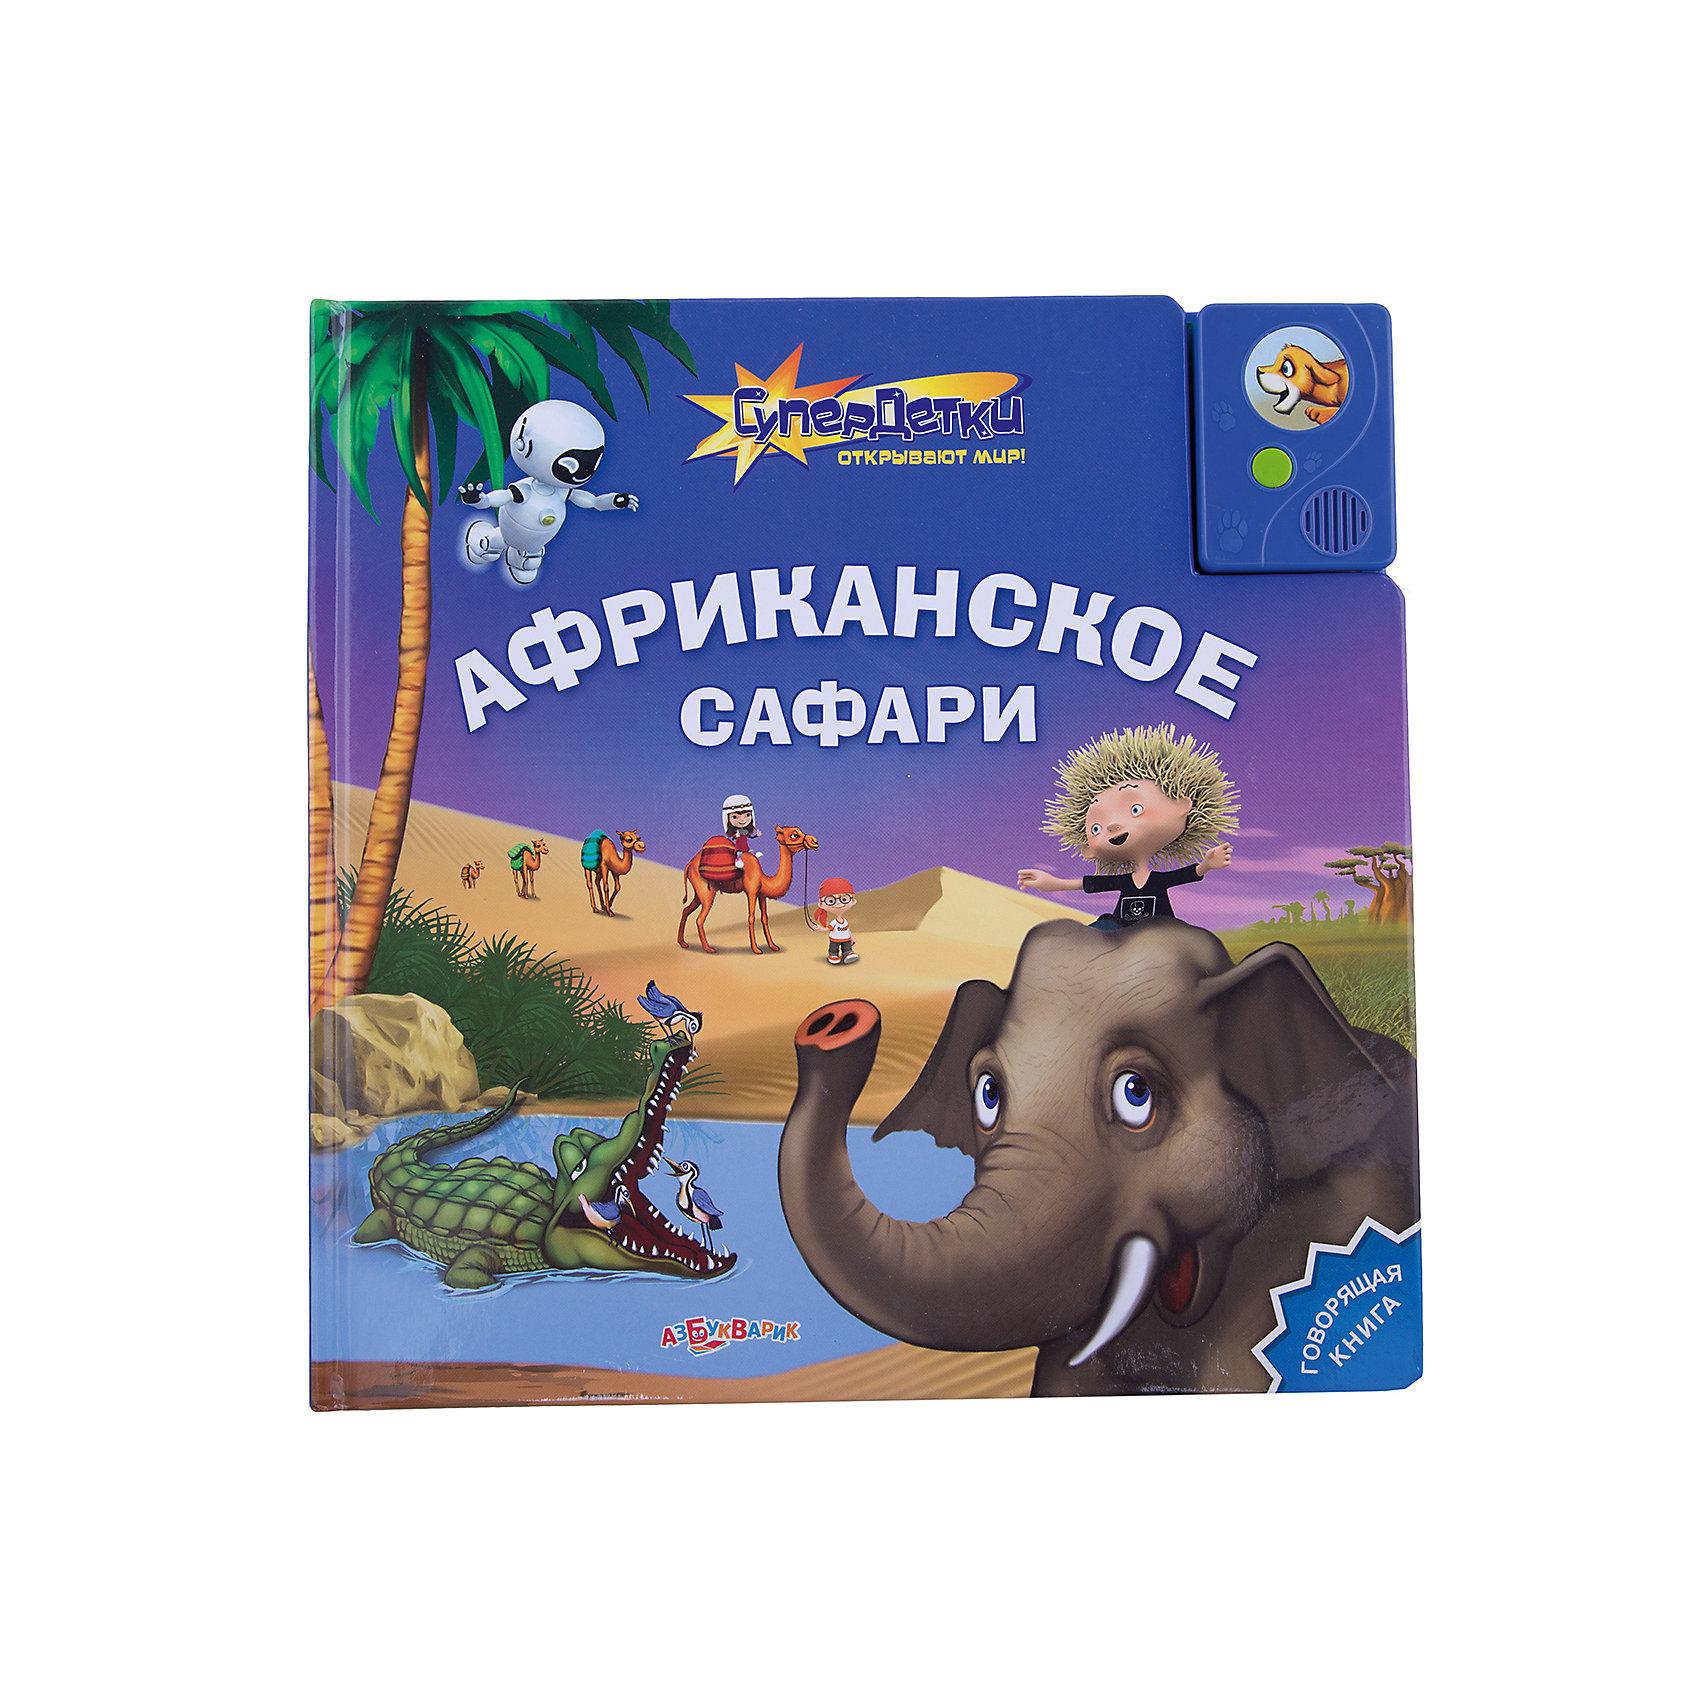 Африканское сафариМузыкальные книги<br>Отправляйся в увлекательное путешествие вместе с супер-детками: непоседой Максом, всезнайкой Джуниором, умницей Лолой и роботом Докой. Открывай книгу - и слушай увлекательные истории об африканских приключениях. Узнай много интересного о львах и крокодилах, жирафах и слонах, верблюдах и удивительных птицах. Умная книжка читает сама, как только вы перелистнете страницу. <br><br>Дополнительная информация:<br> <br>- Переплет: картон.<br>- Формат: 21,6х21,6 см.<br>- Количество страниц: 12.<br>- Иллюстрации: цветные. <br>- Элемент питания: батарейки  AG13/LR44 (в комплекте).<br><br>Книгу Африканское сафари можно купить в нашем магазине.<br><br>Ширина мм: 260<br>Глубина мм: 150<br>Высота мм: 20<br>Вес г: 607<br>Возраст от месяцев: 24<br>Возраст до месяцев: 60<br>Пол: Унисекс<br>Возраст: Детский<br>SKU: 4603691